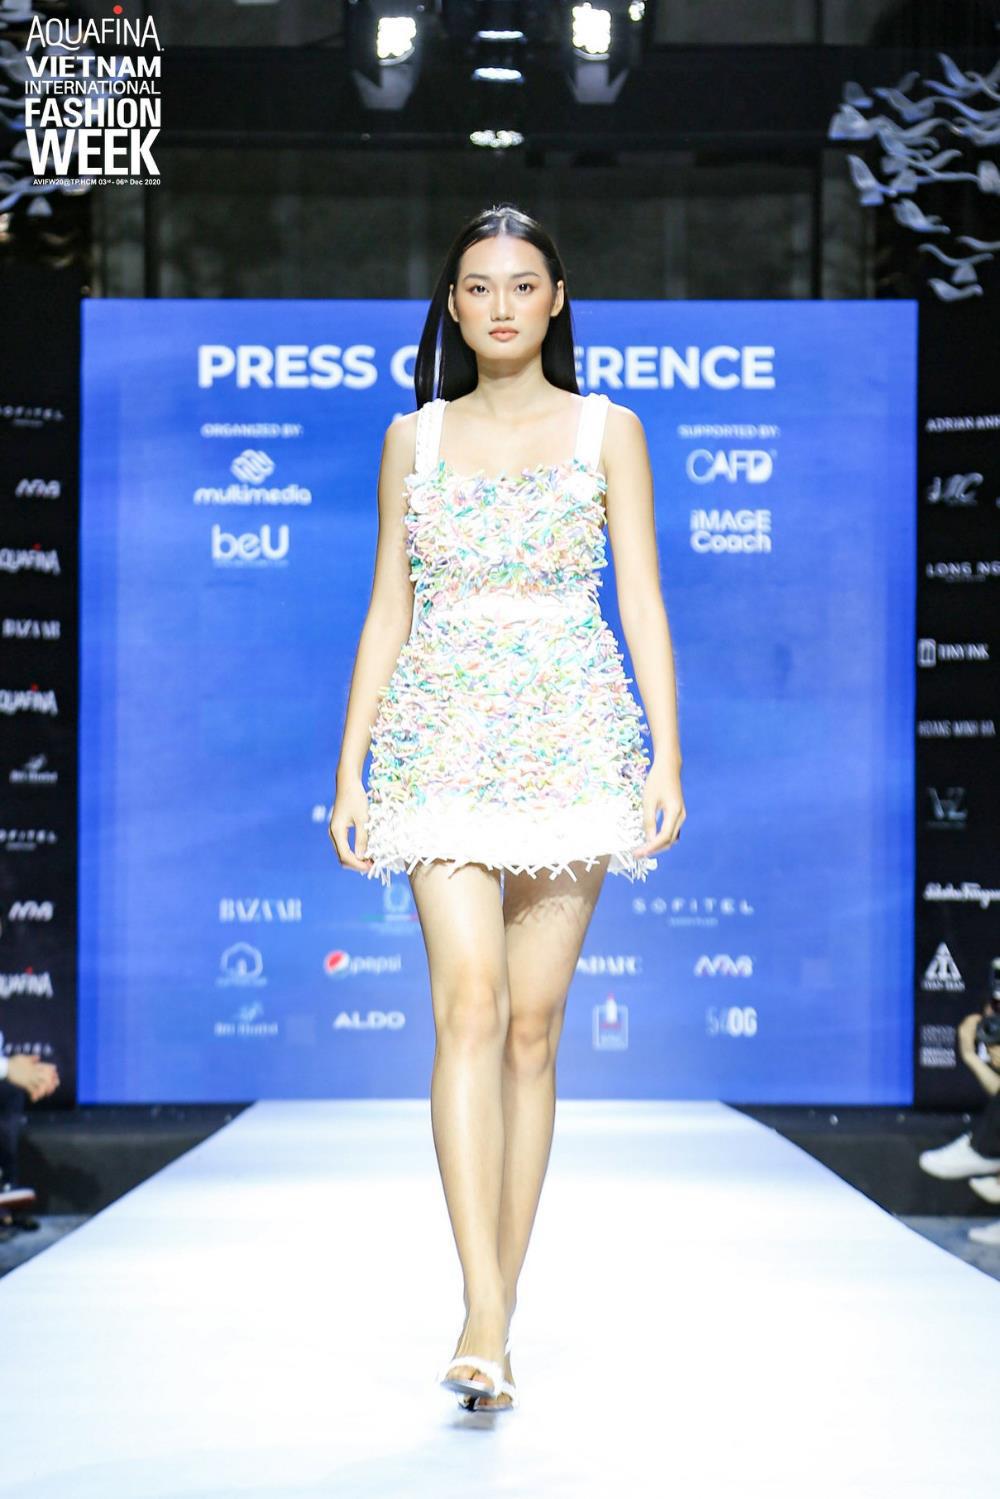 Vén màn bí mật đằng sau những họa tiết đinh trong BST đánh dấu sự trở lại của NTK Công Trí trong Aquafina Vietnam International Fashion Week - Ảnh 5.